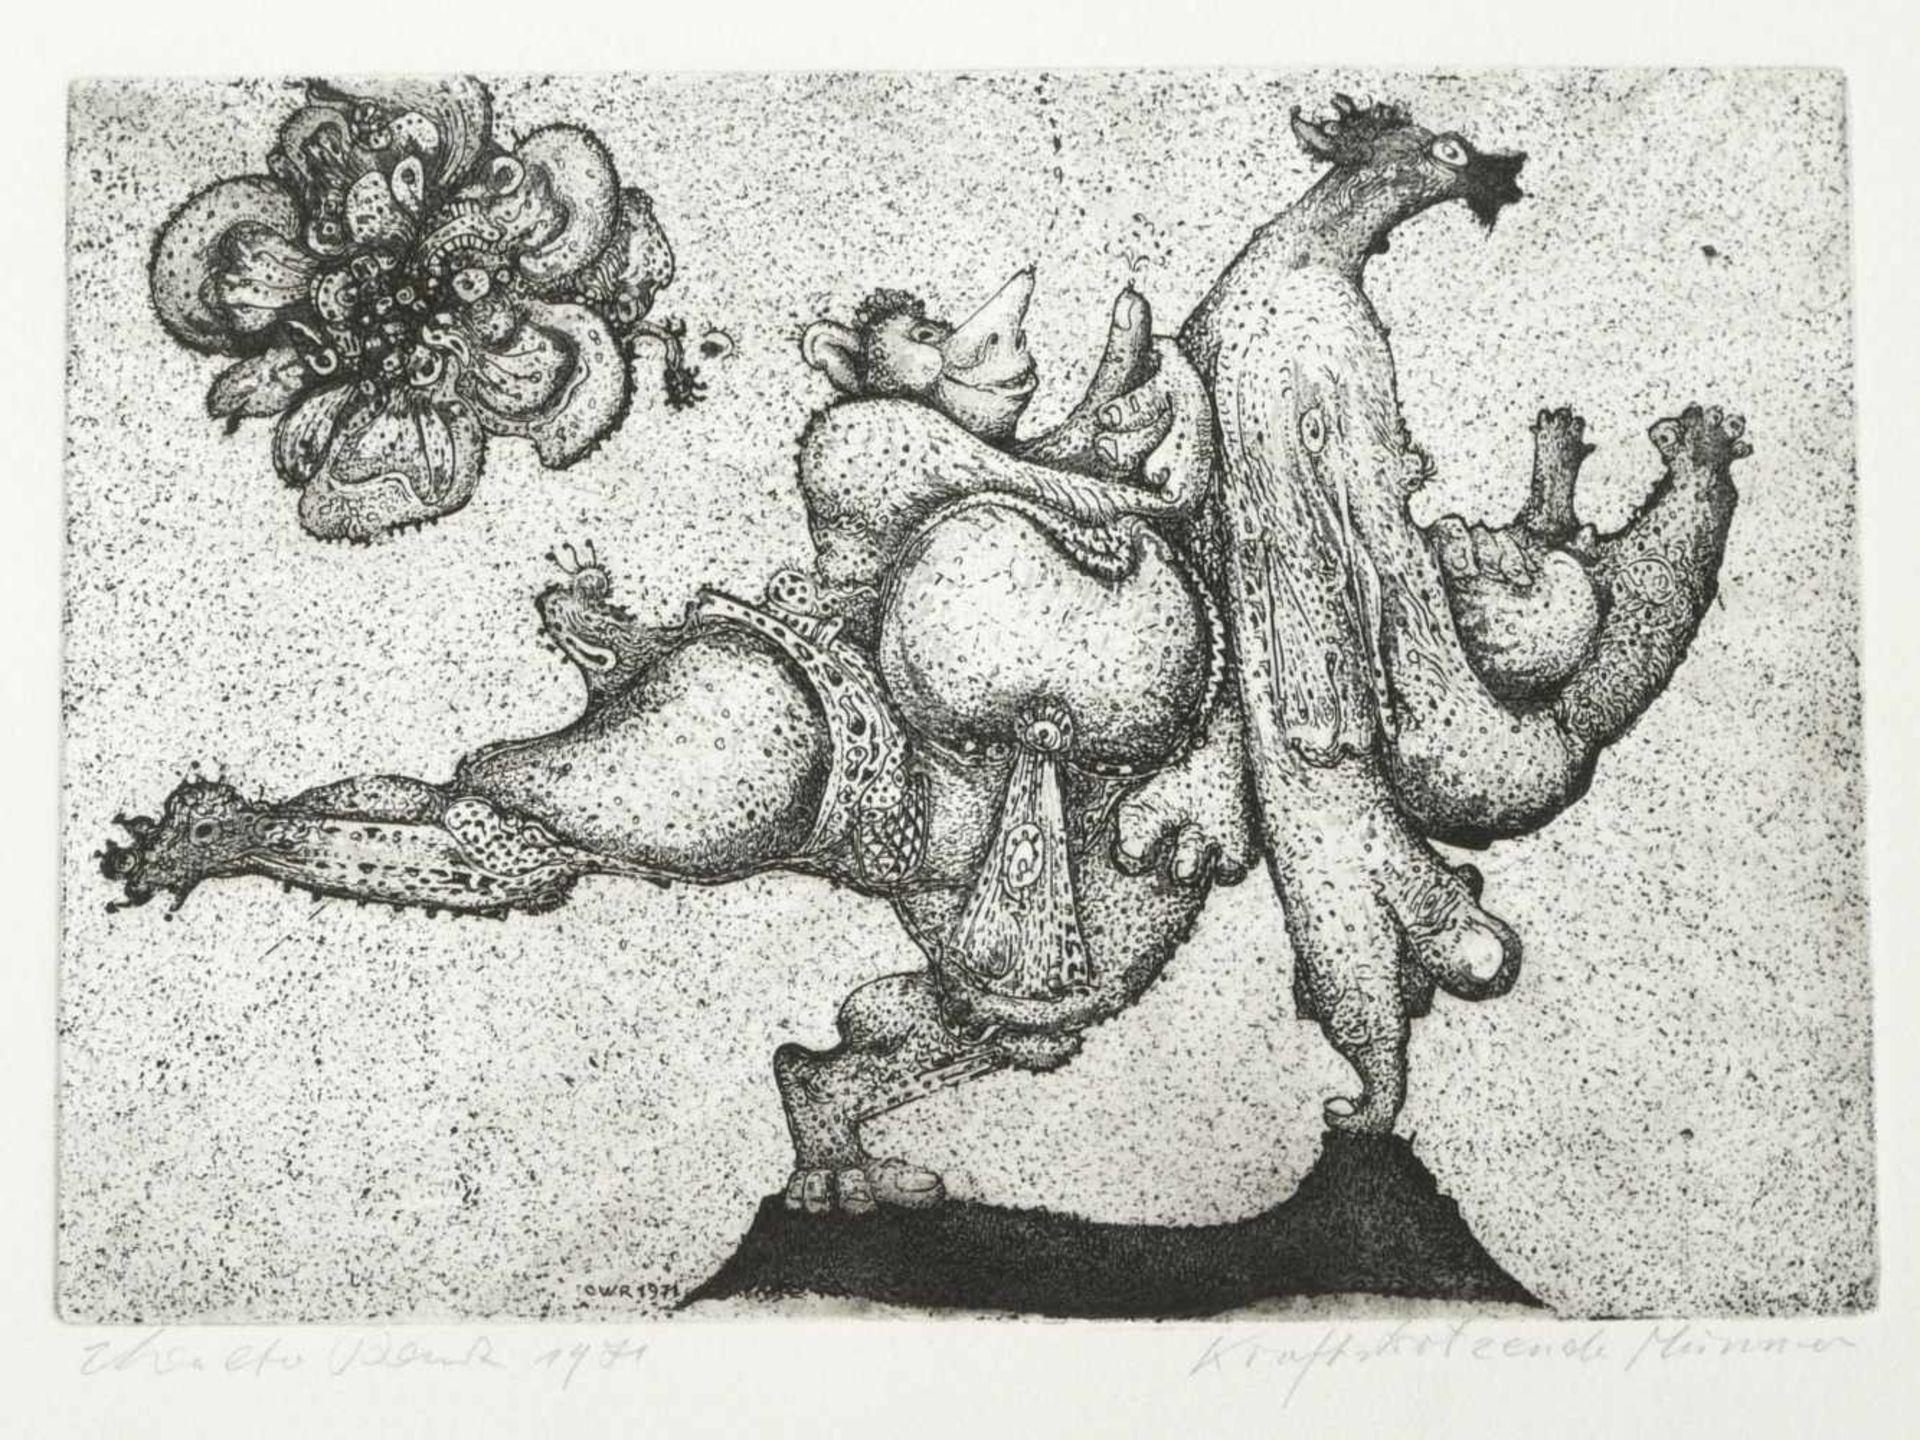 Los 59 - Rauh, Caspar Walter (1912-1983) - 9 Blätter RadierungenNeun lose Blätter mit Radierungen des